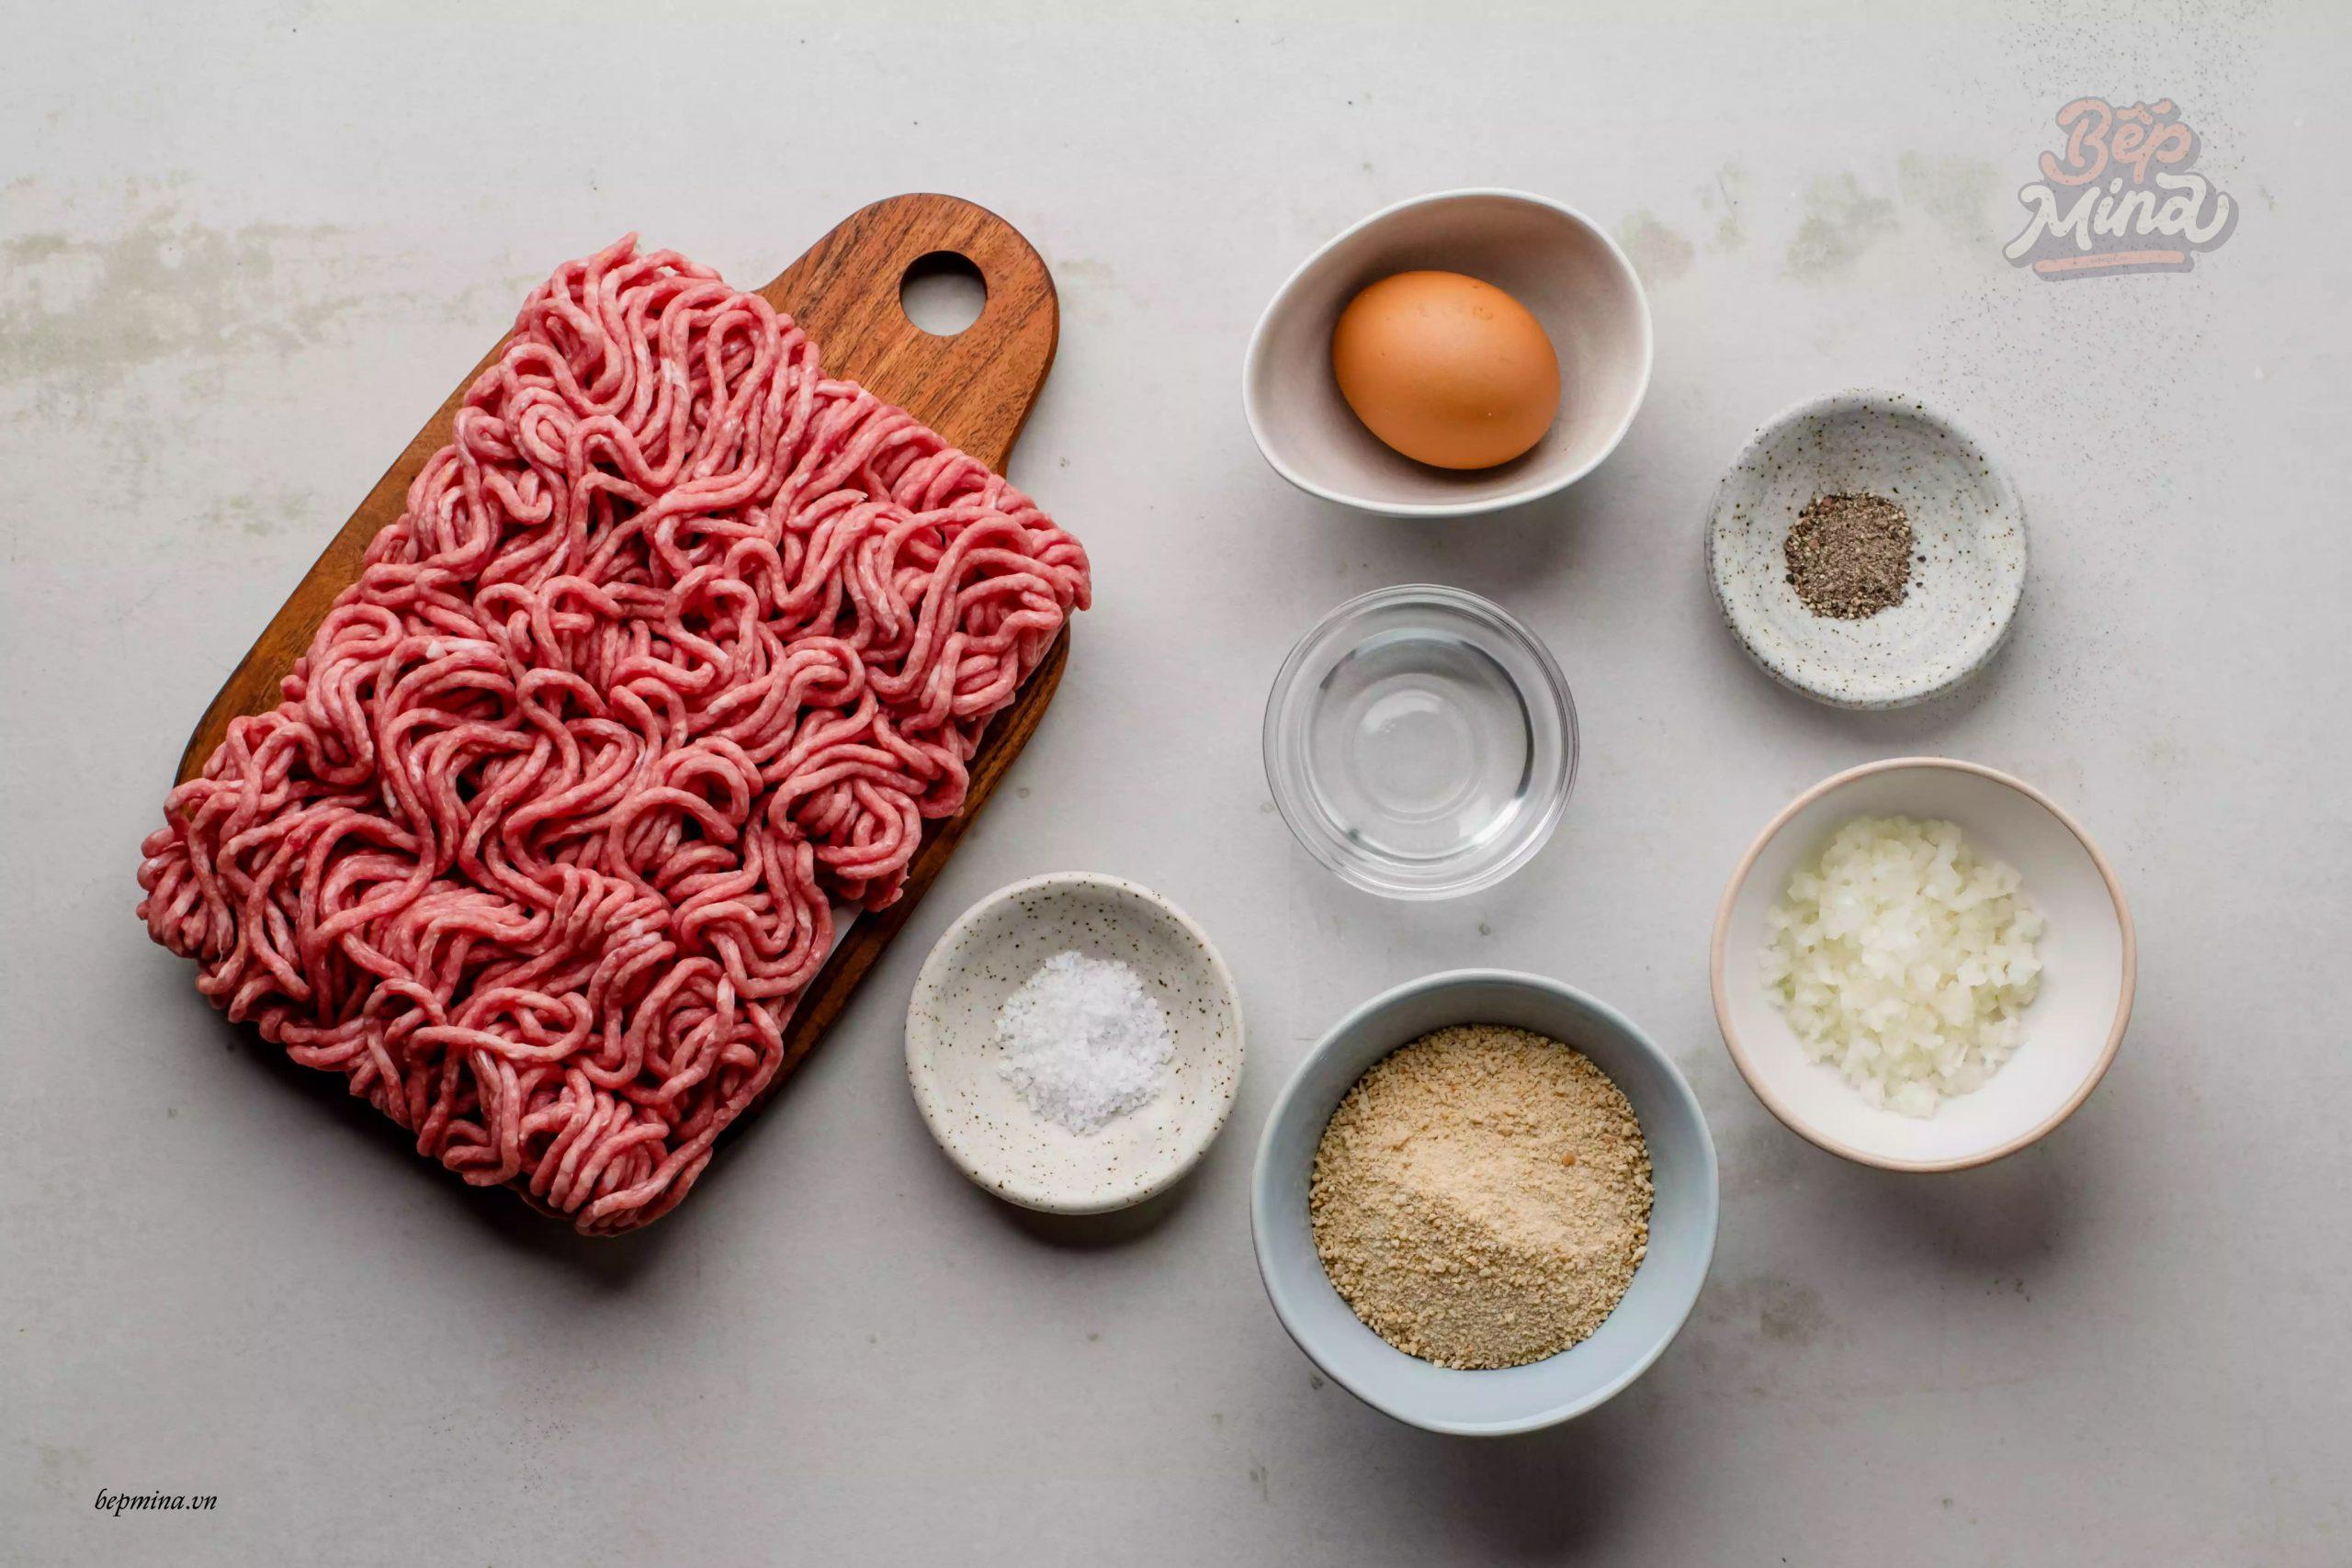 nguyên liệu làm thịt viên sốt cà chua